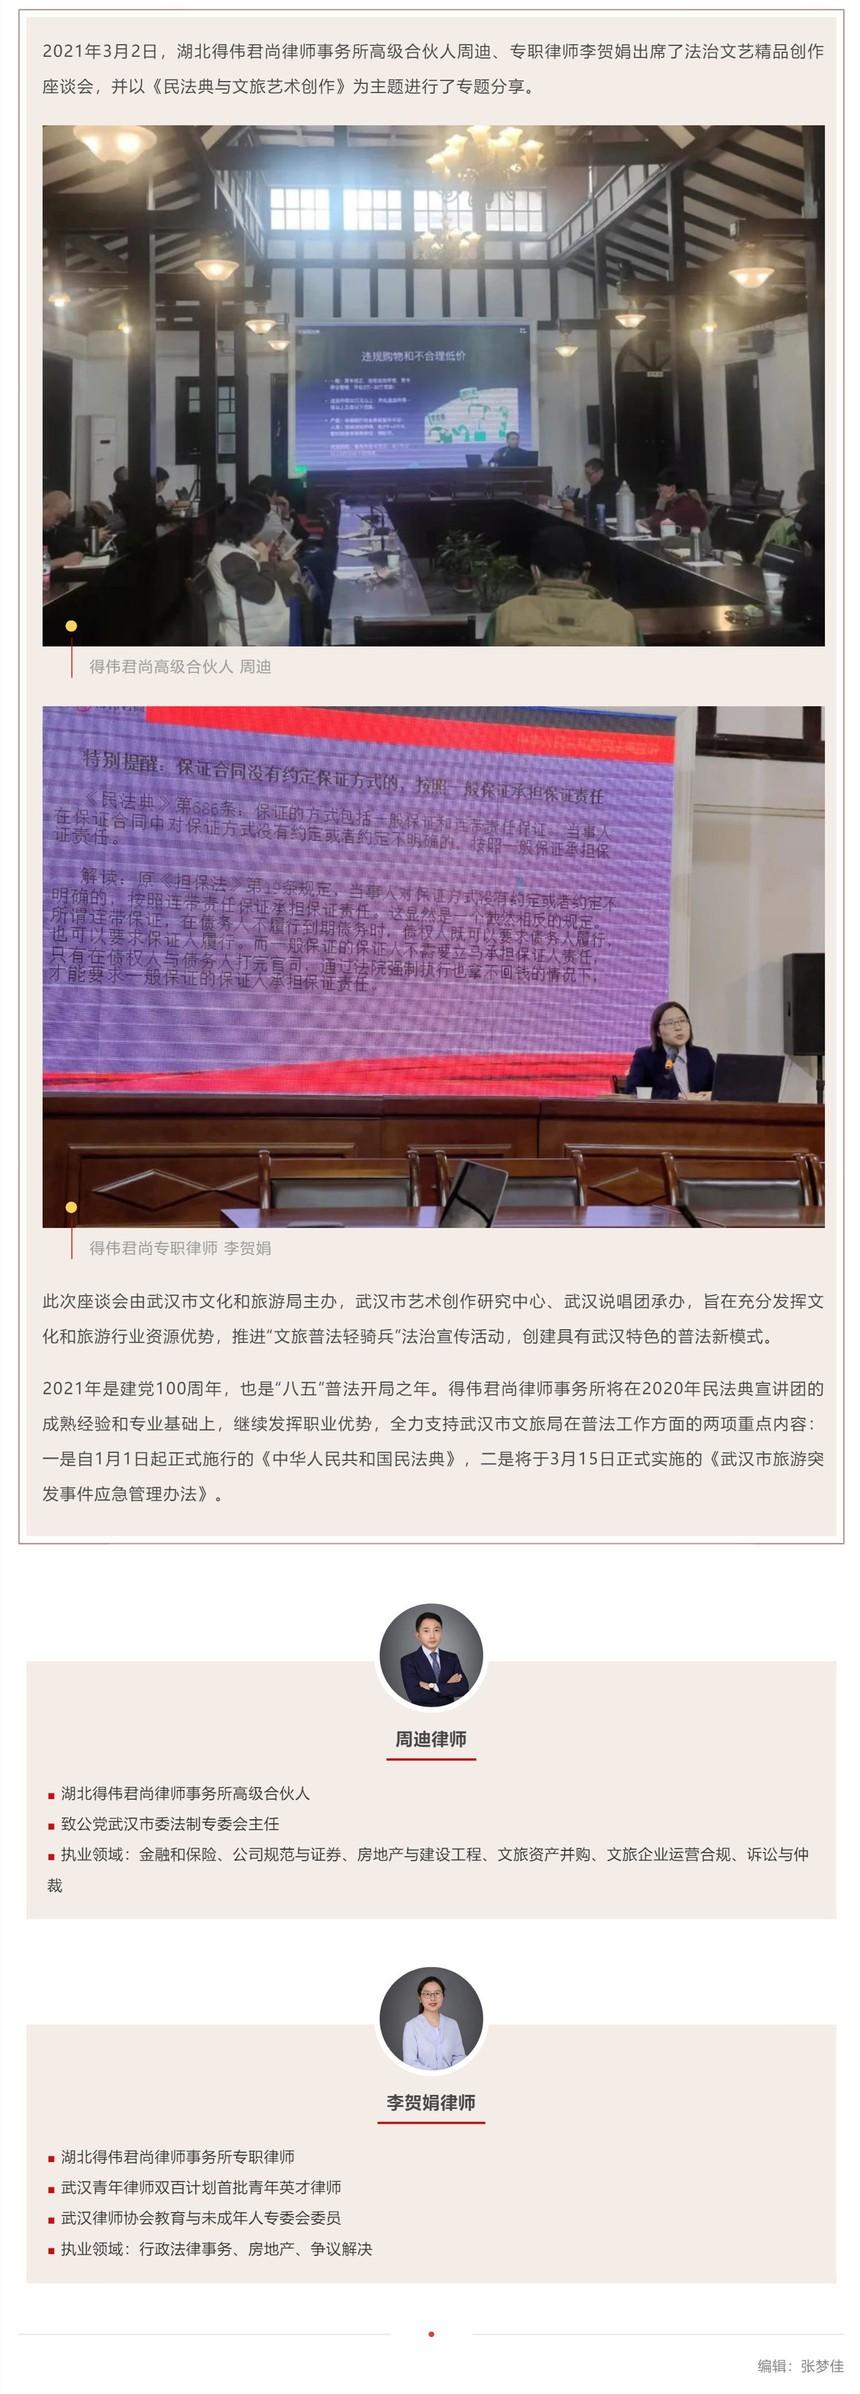 律师出席法治文艺精品创作座谈会,分享《民法典与文旅艺术创作》_壹伴长图1.jpg